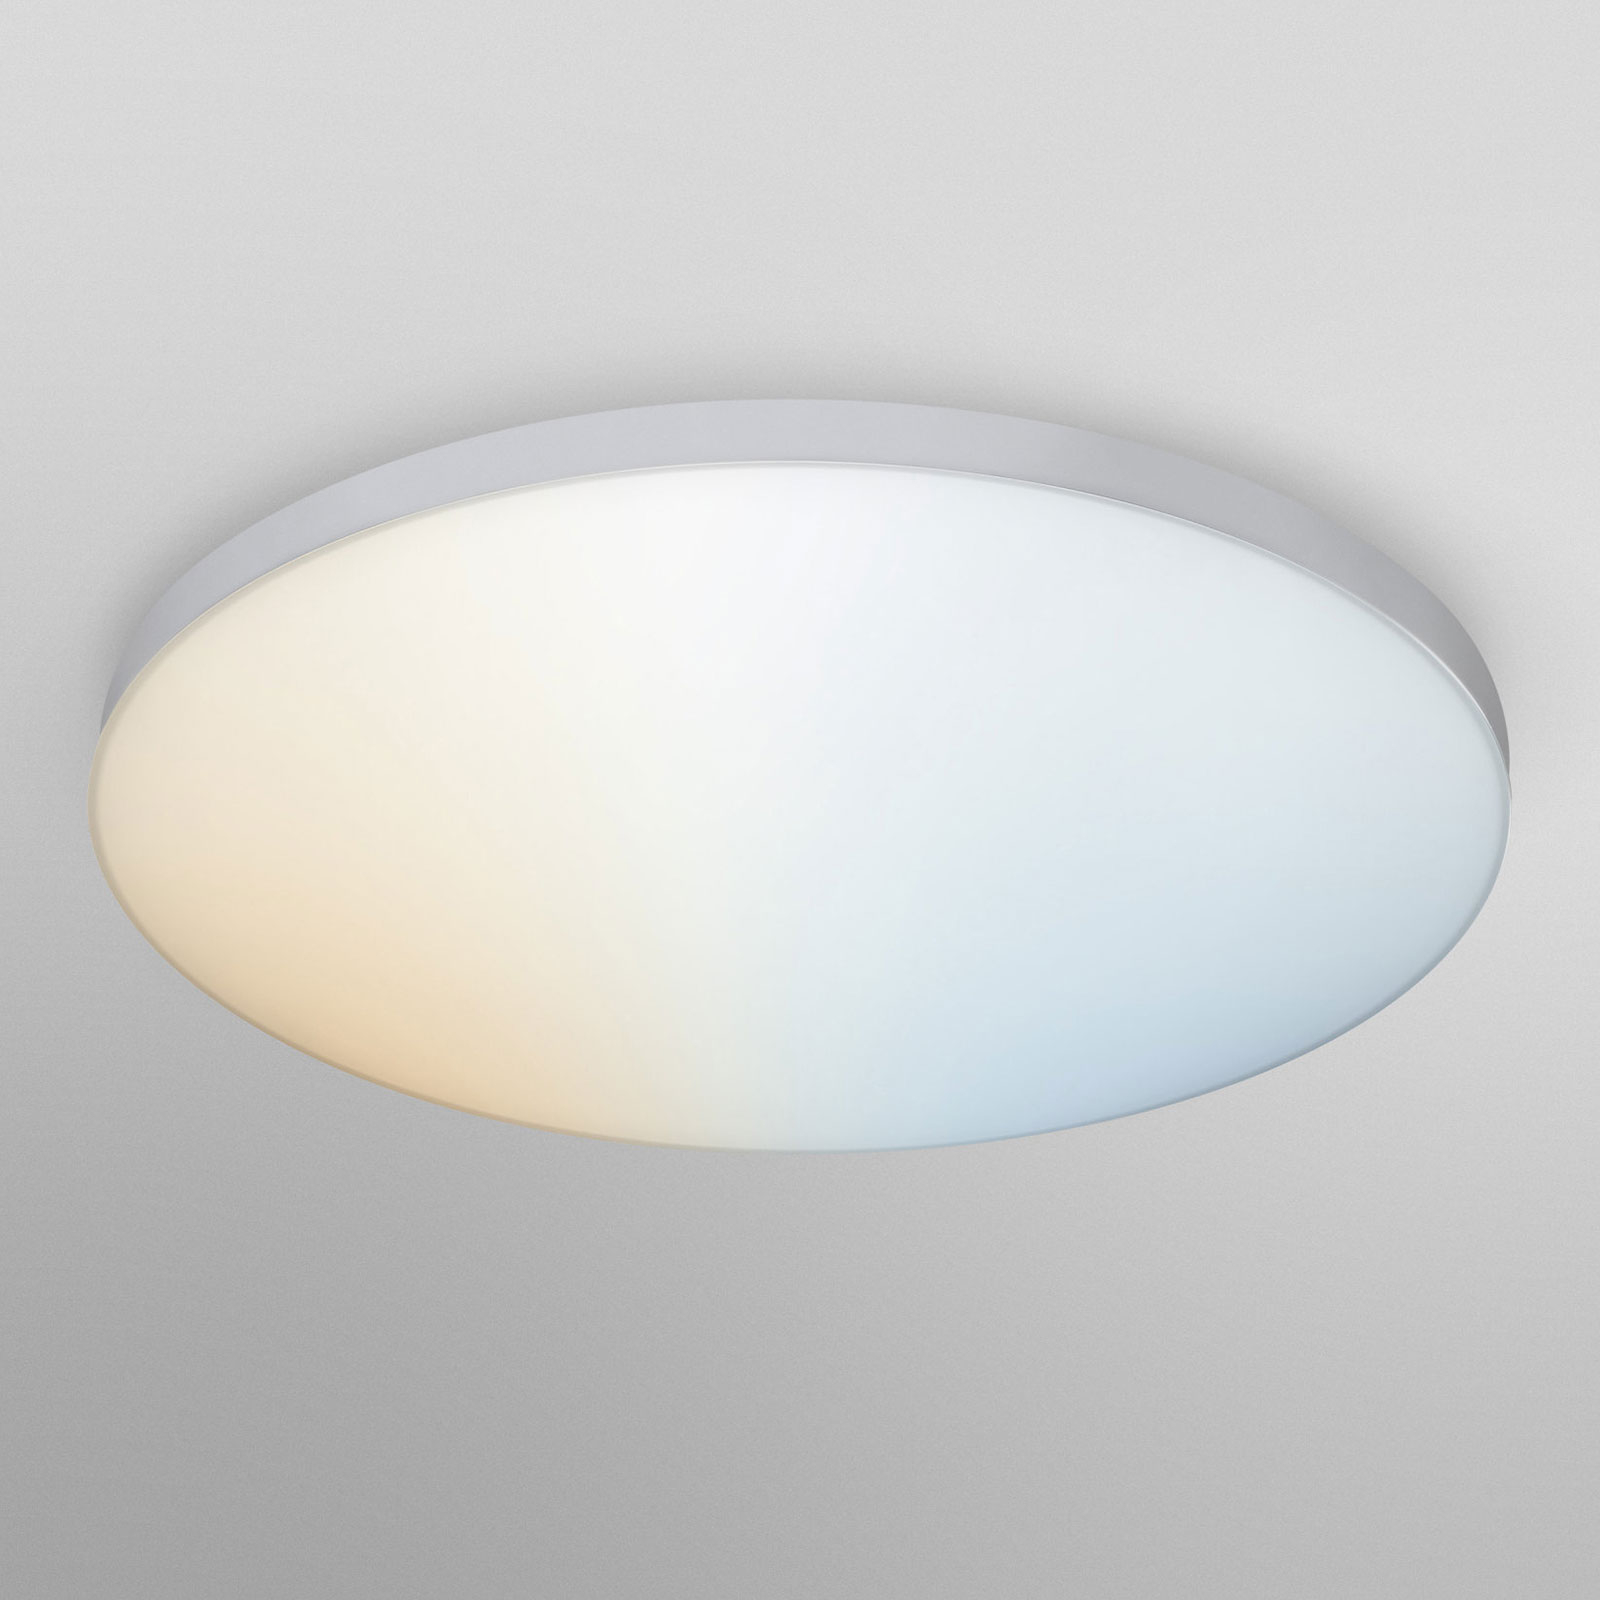 LEDVANCE SMART+ WiFi Planon LED-Panel CCT Ø45cm